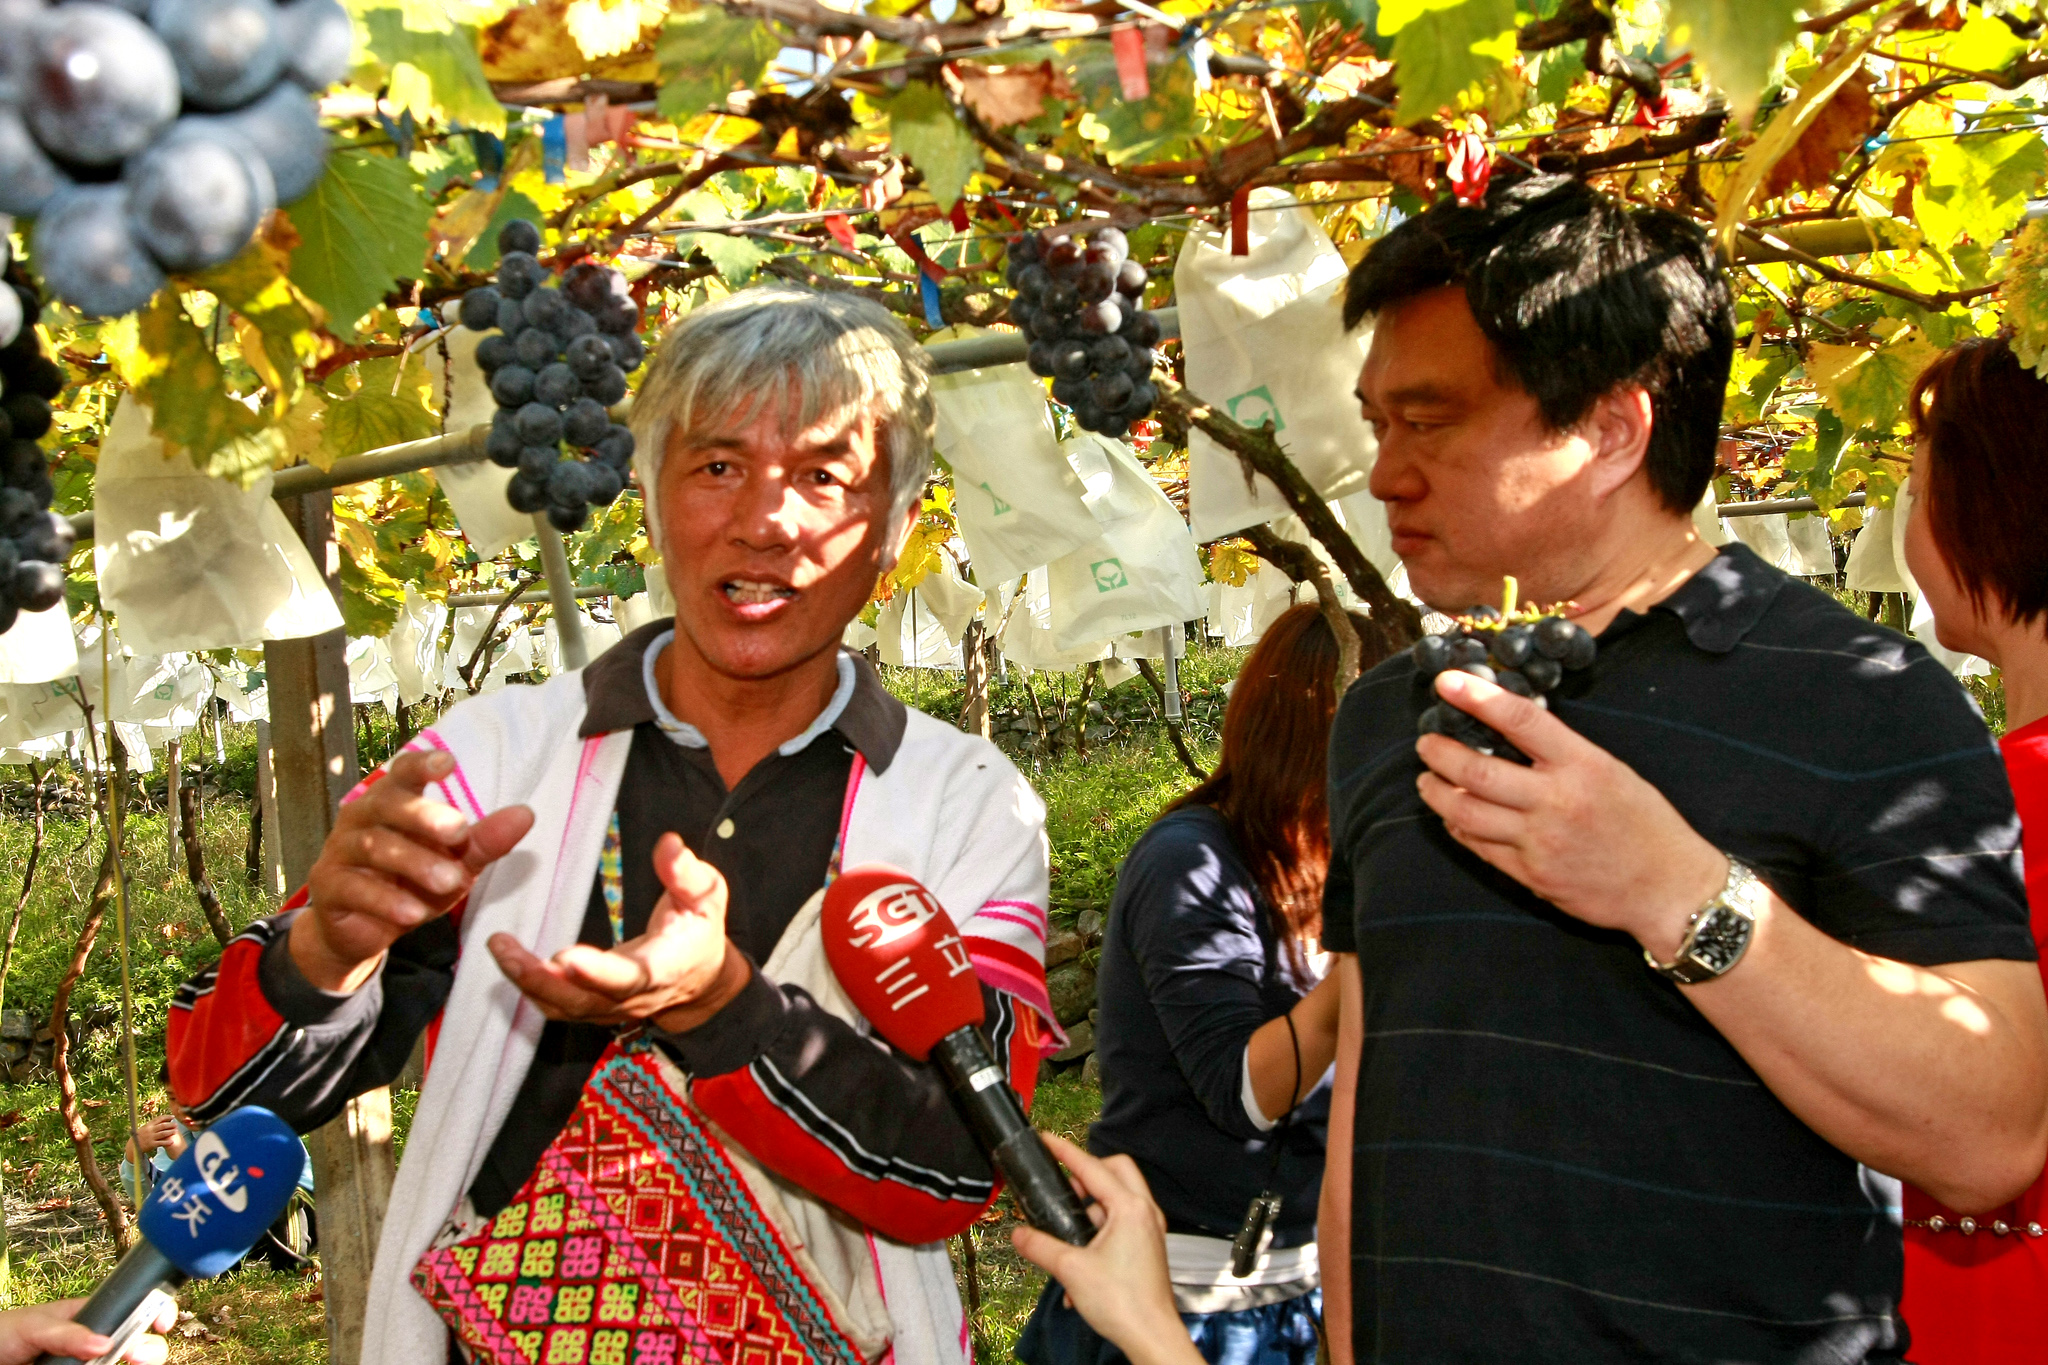 ▲「信義鄉果樹產銷班第六班」全所福班長仔細的解釋著葡萄種植的過程。